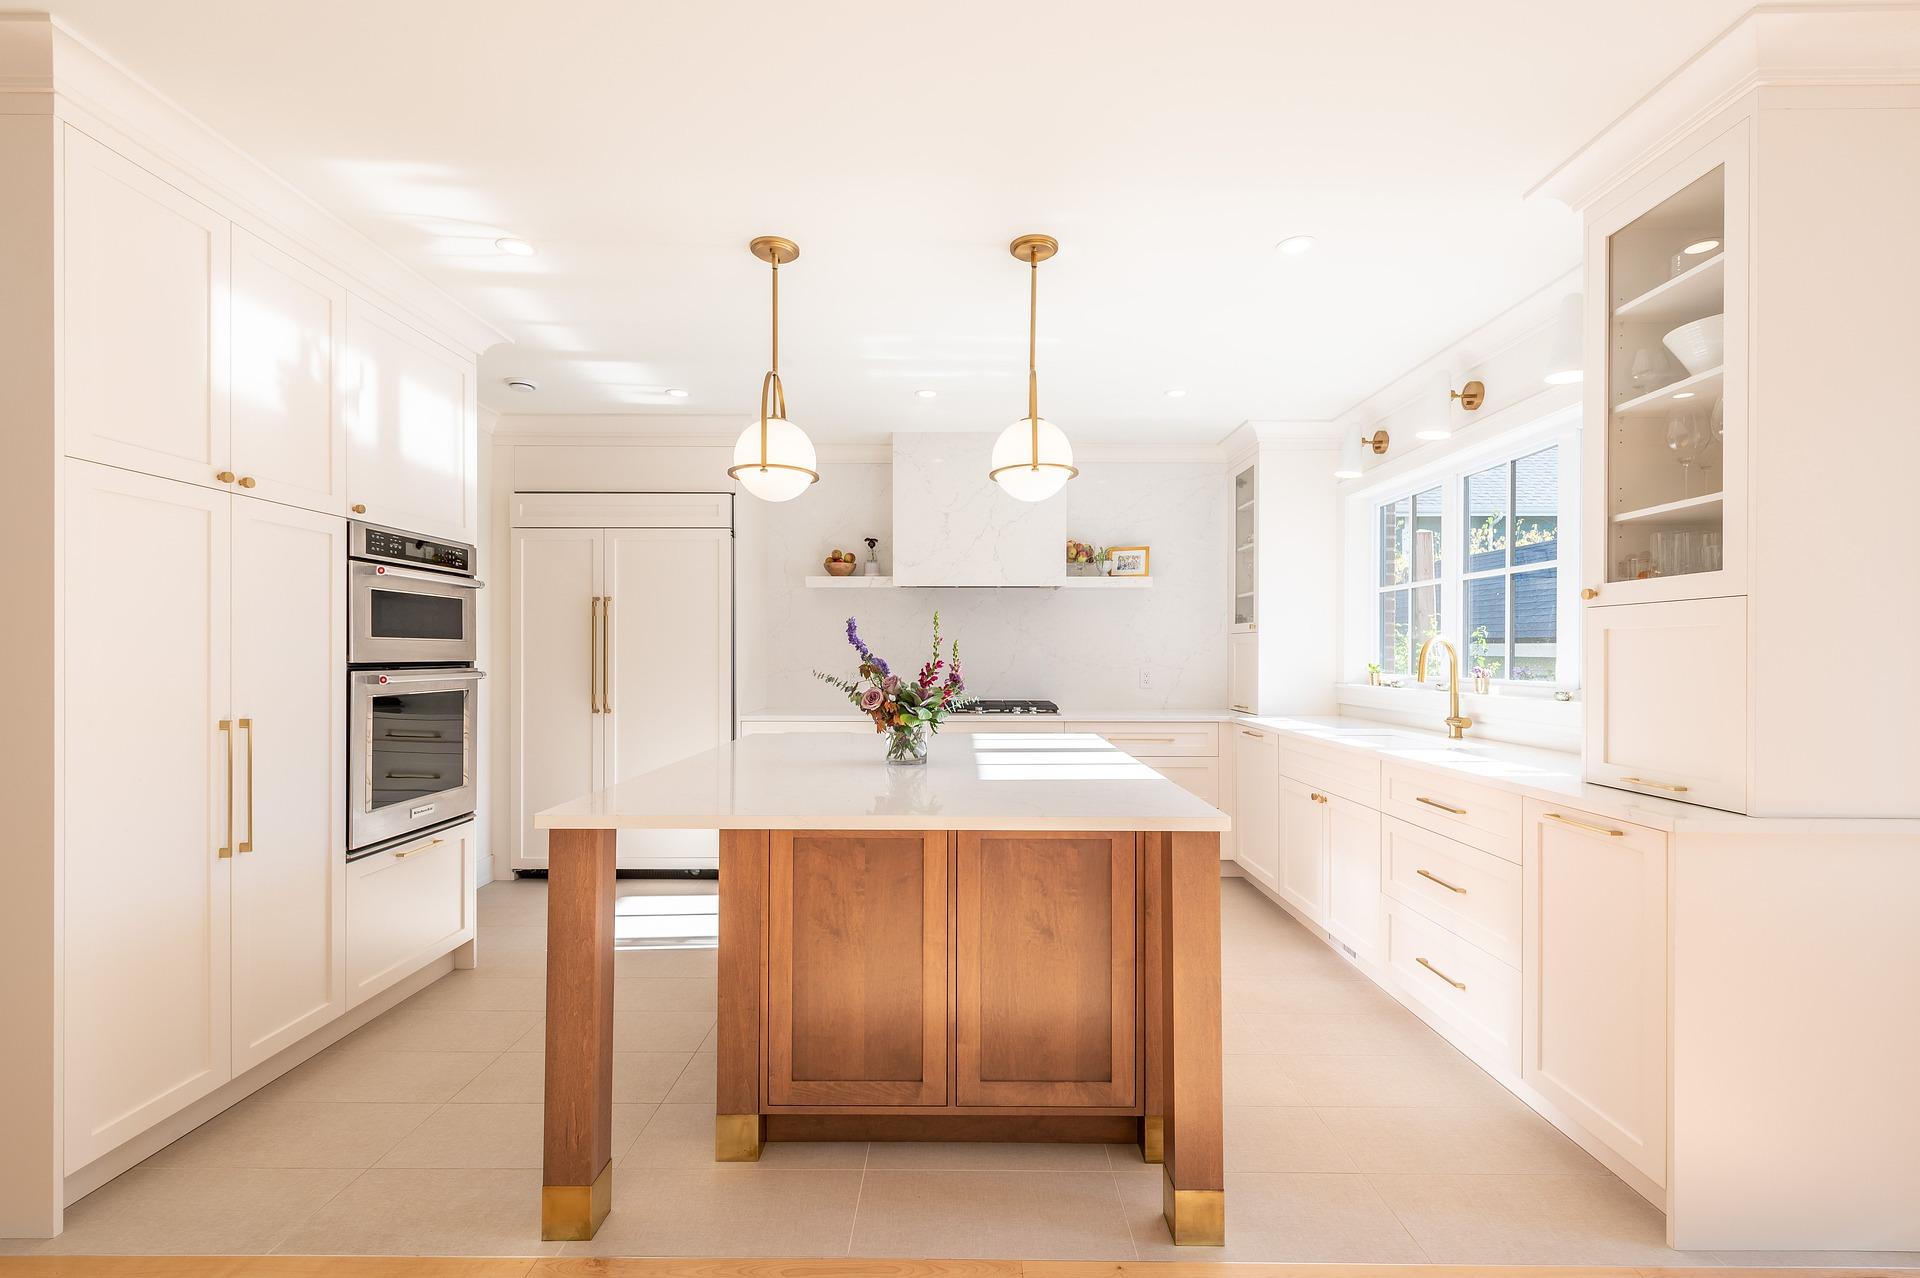 kitchen 5669680 1920